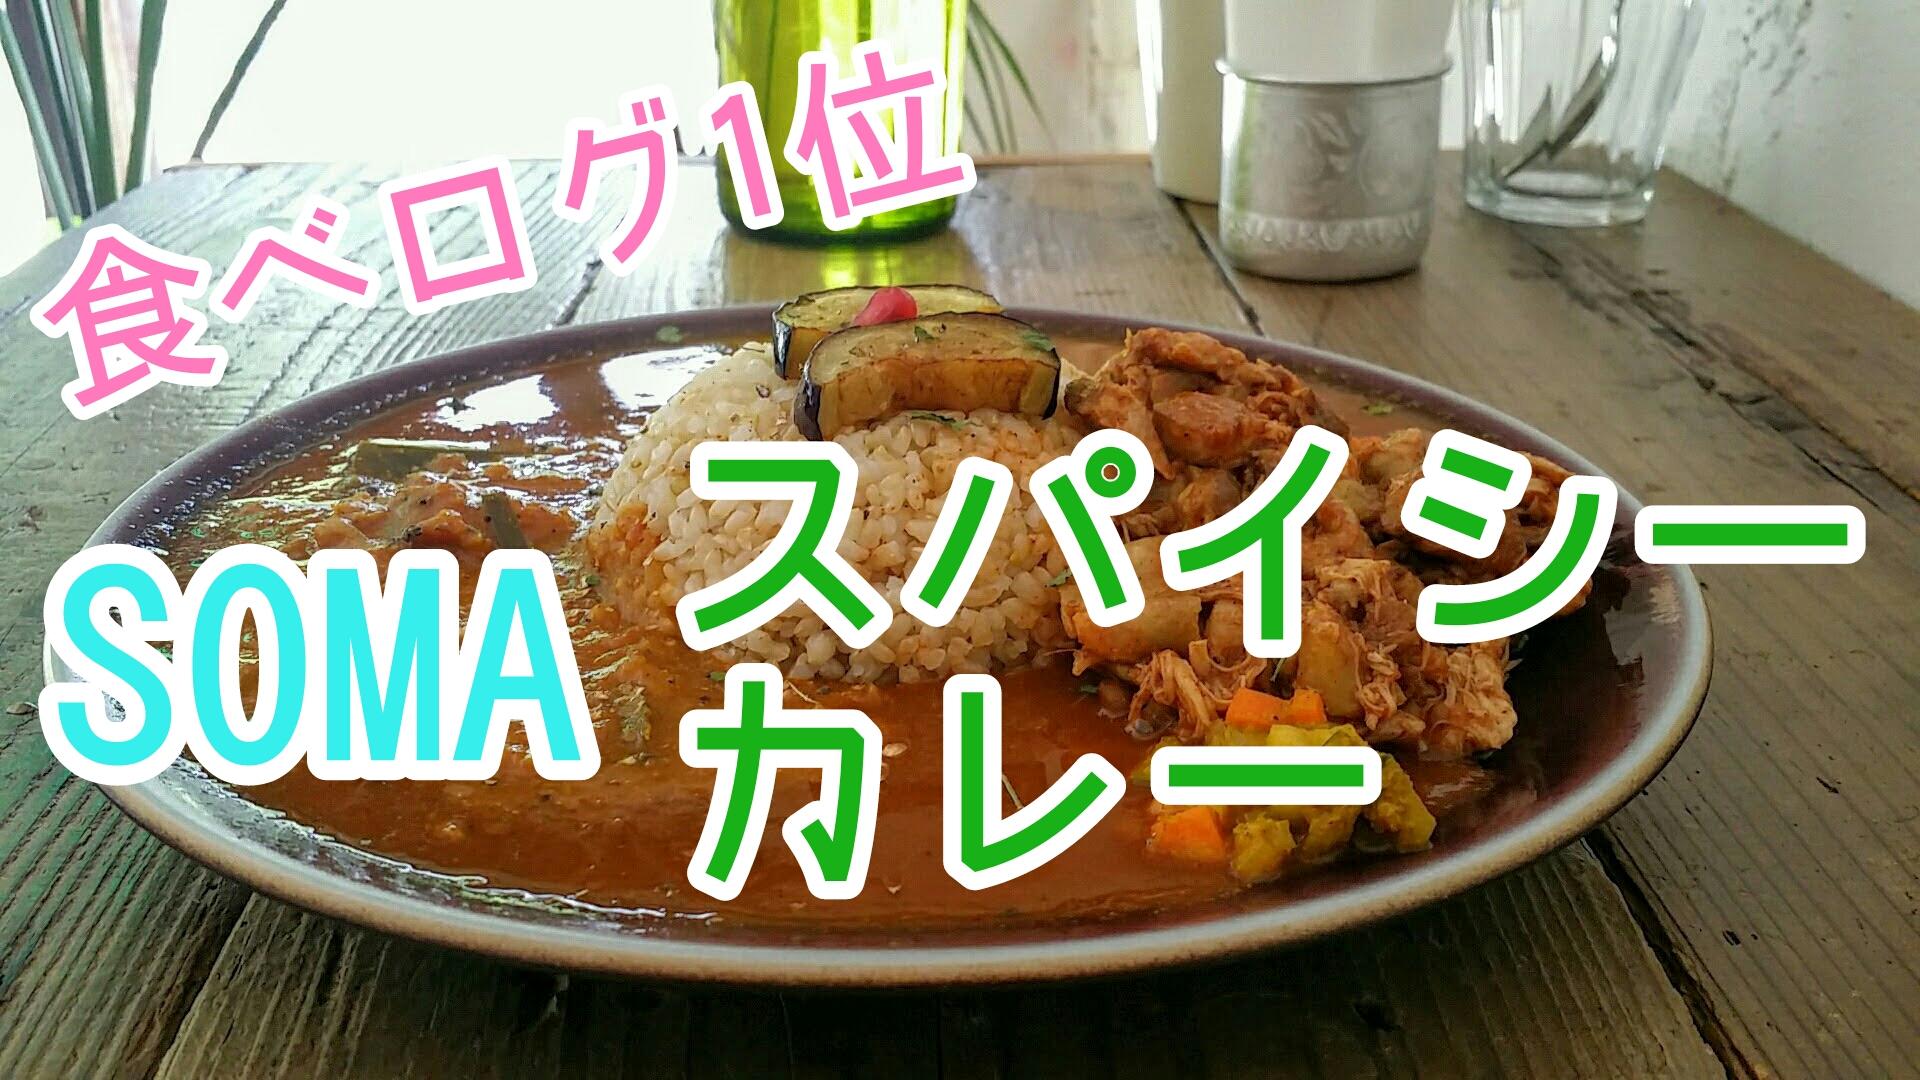 大阪梅田中津「SOMA」カレー屋